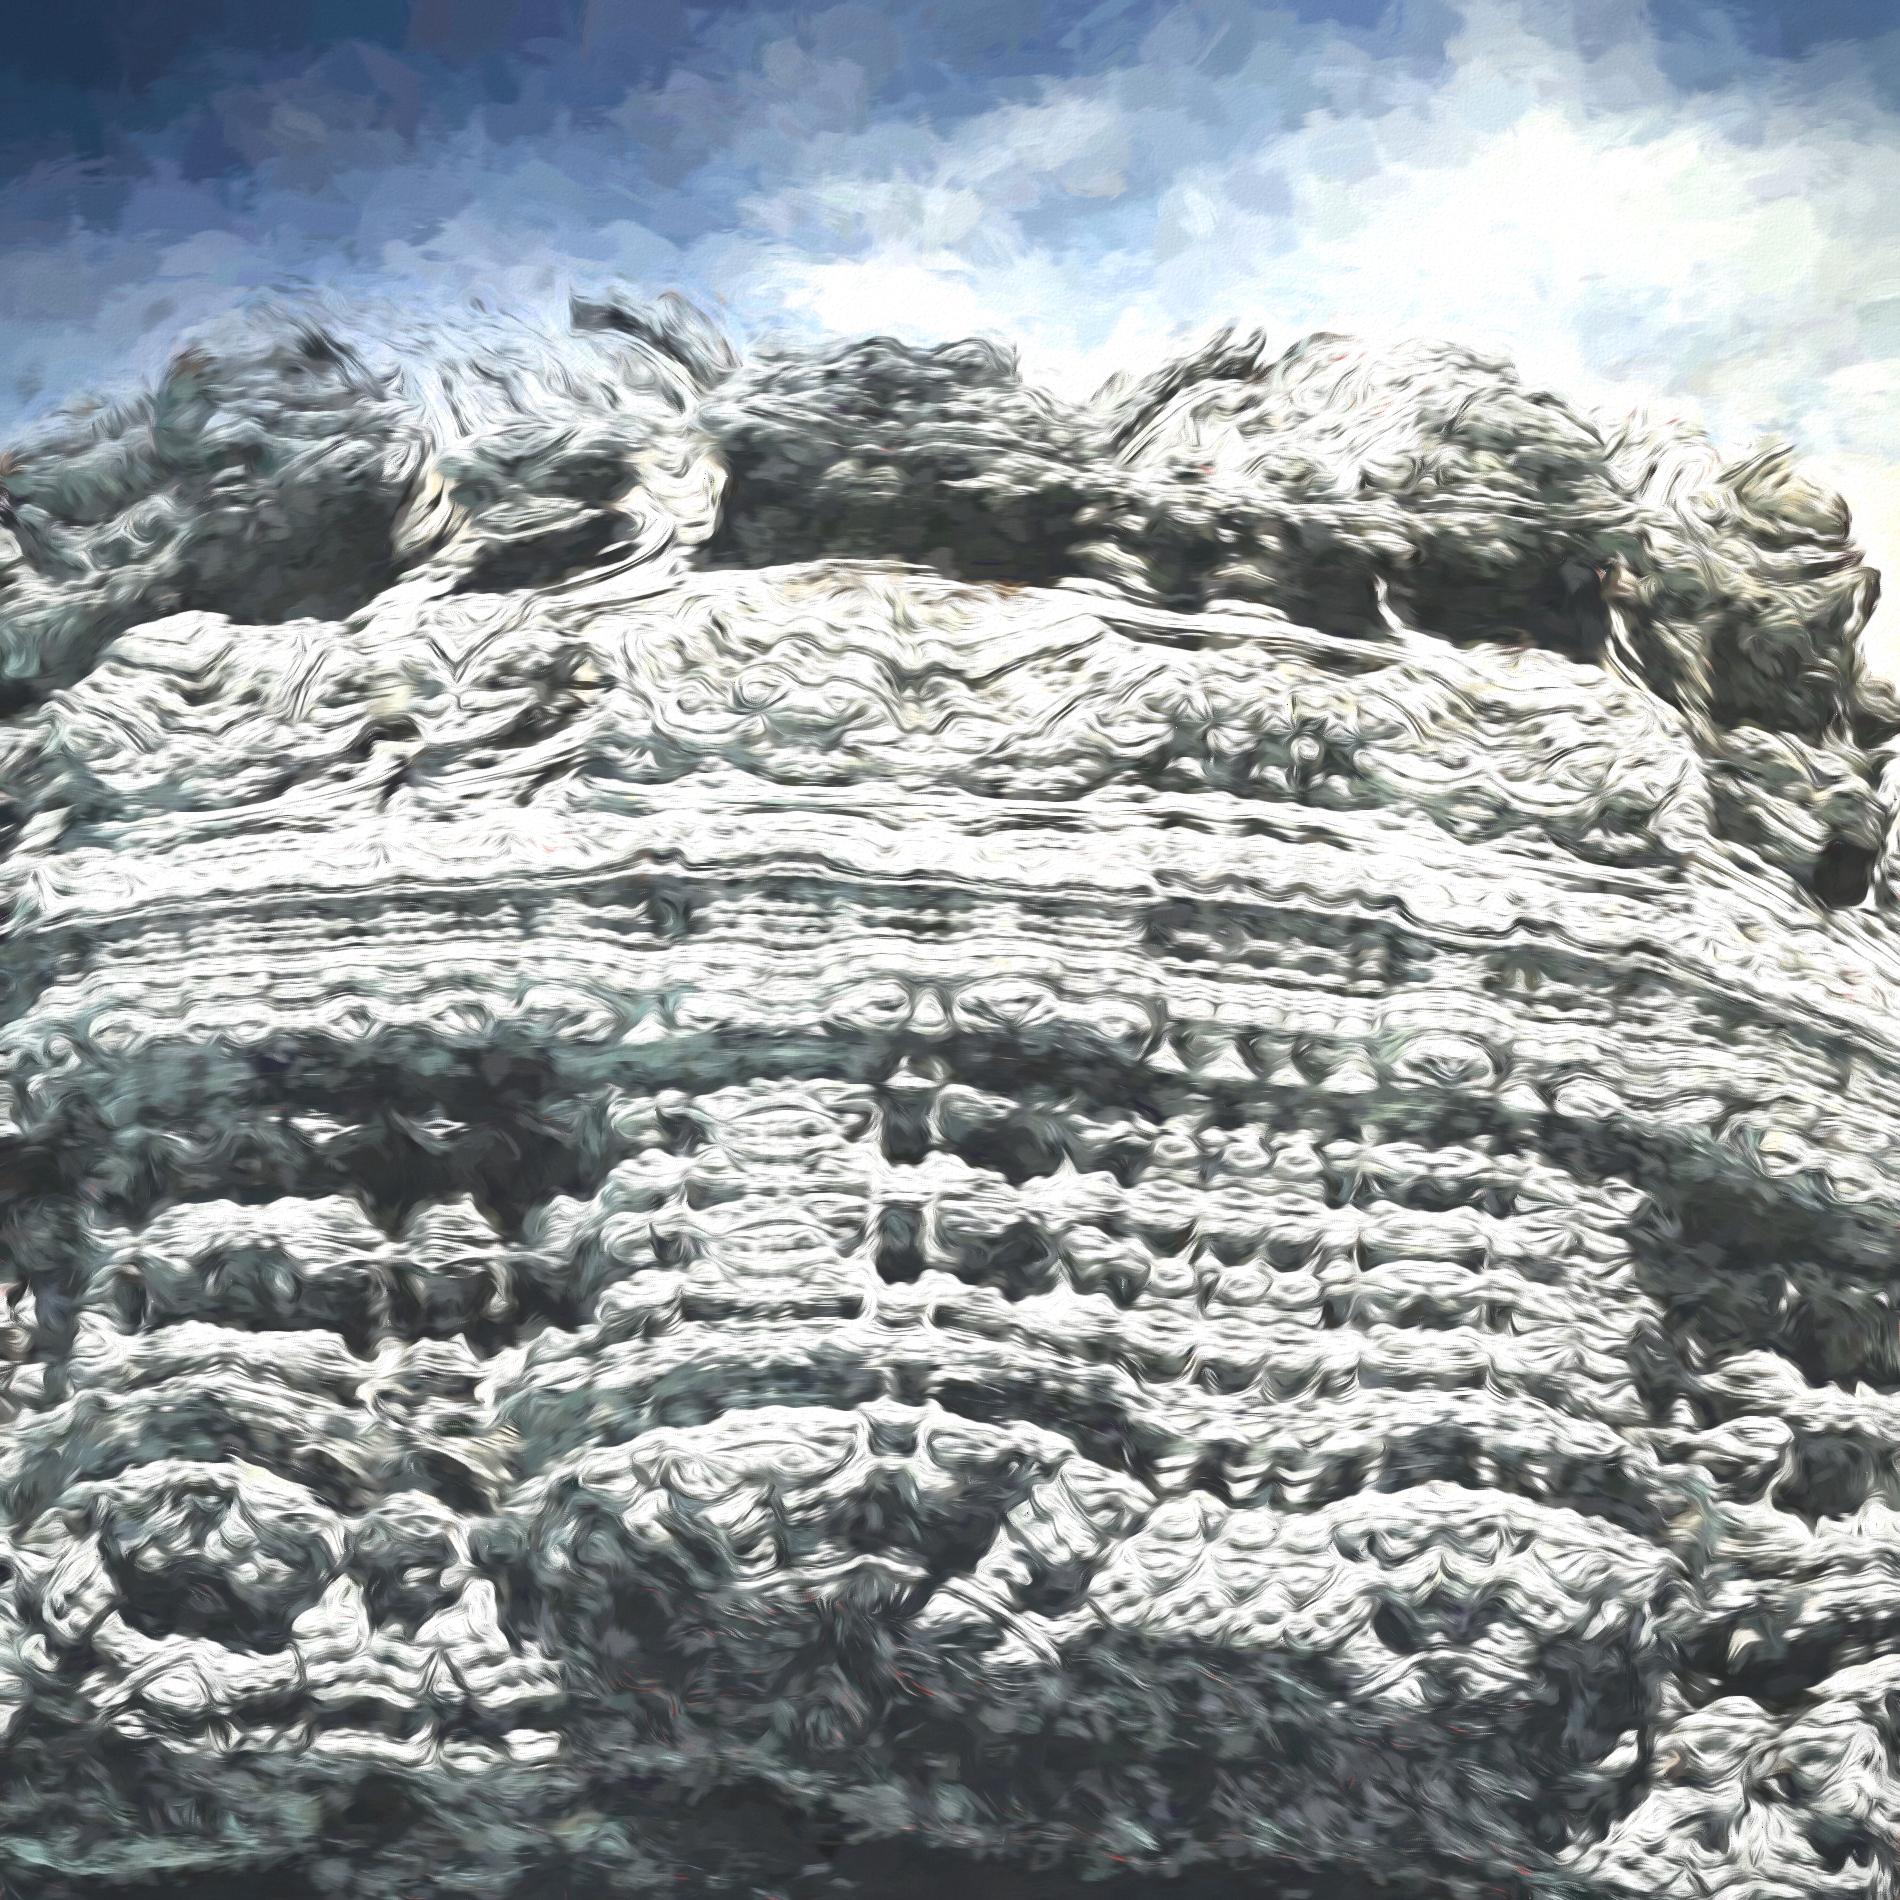 絶壁で冷たい岩肌&冒険アドベンチャー風の山:水彩